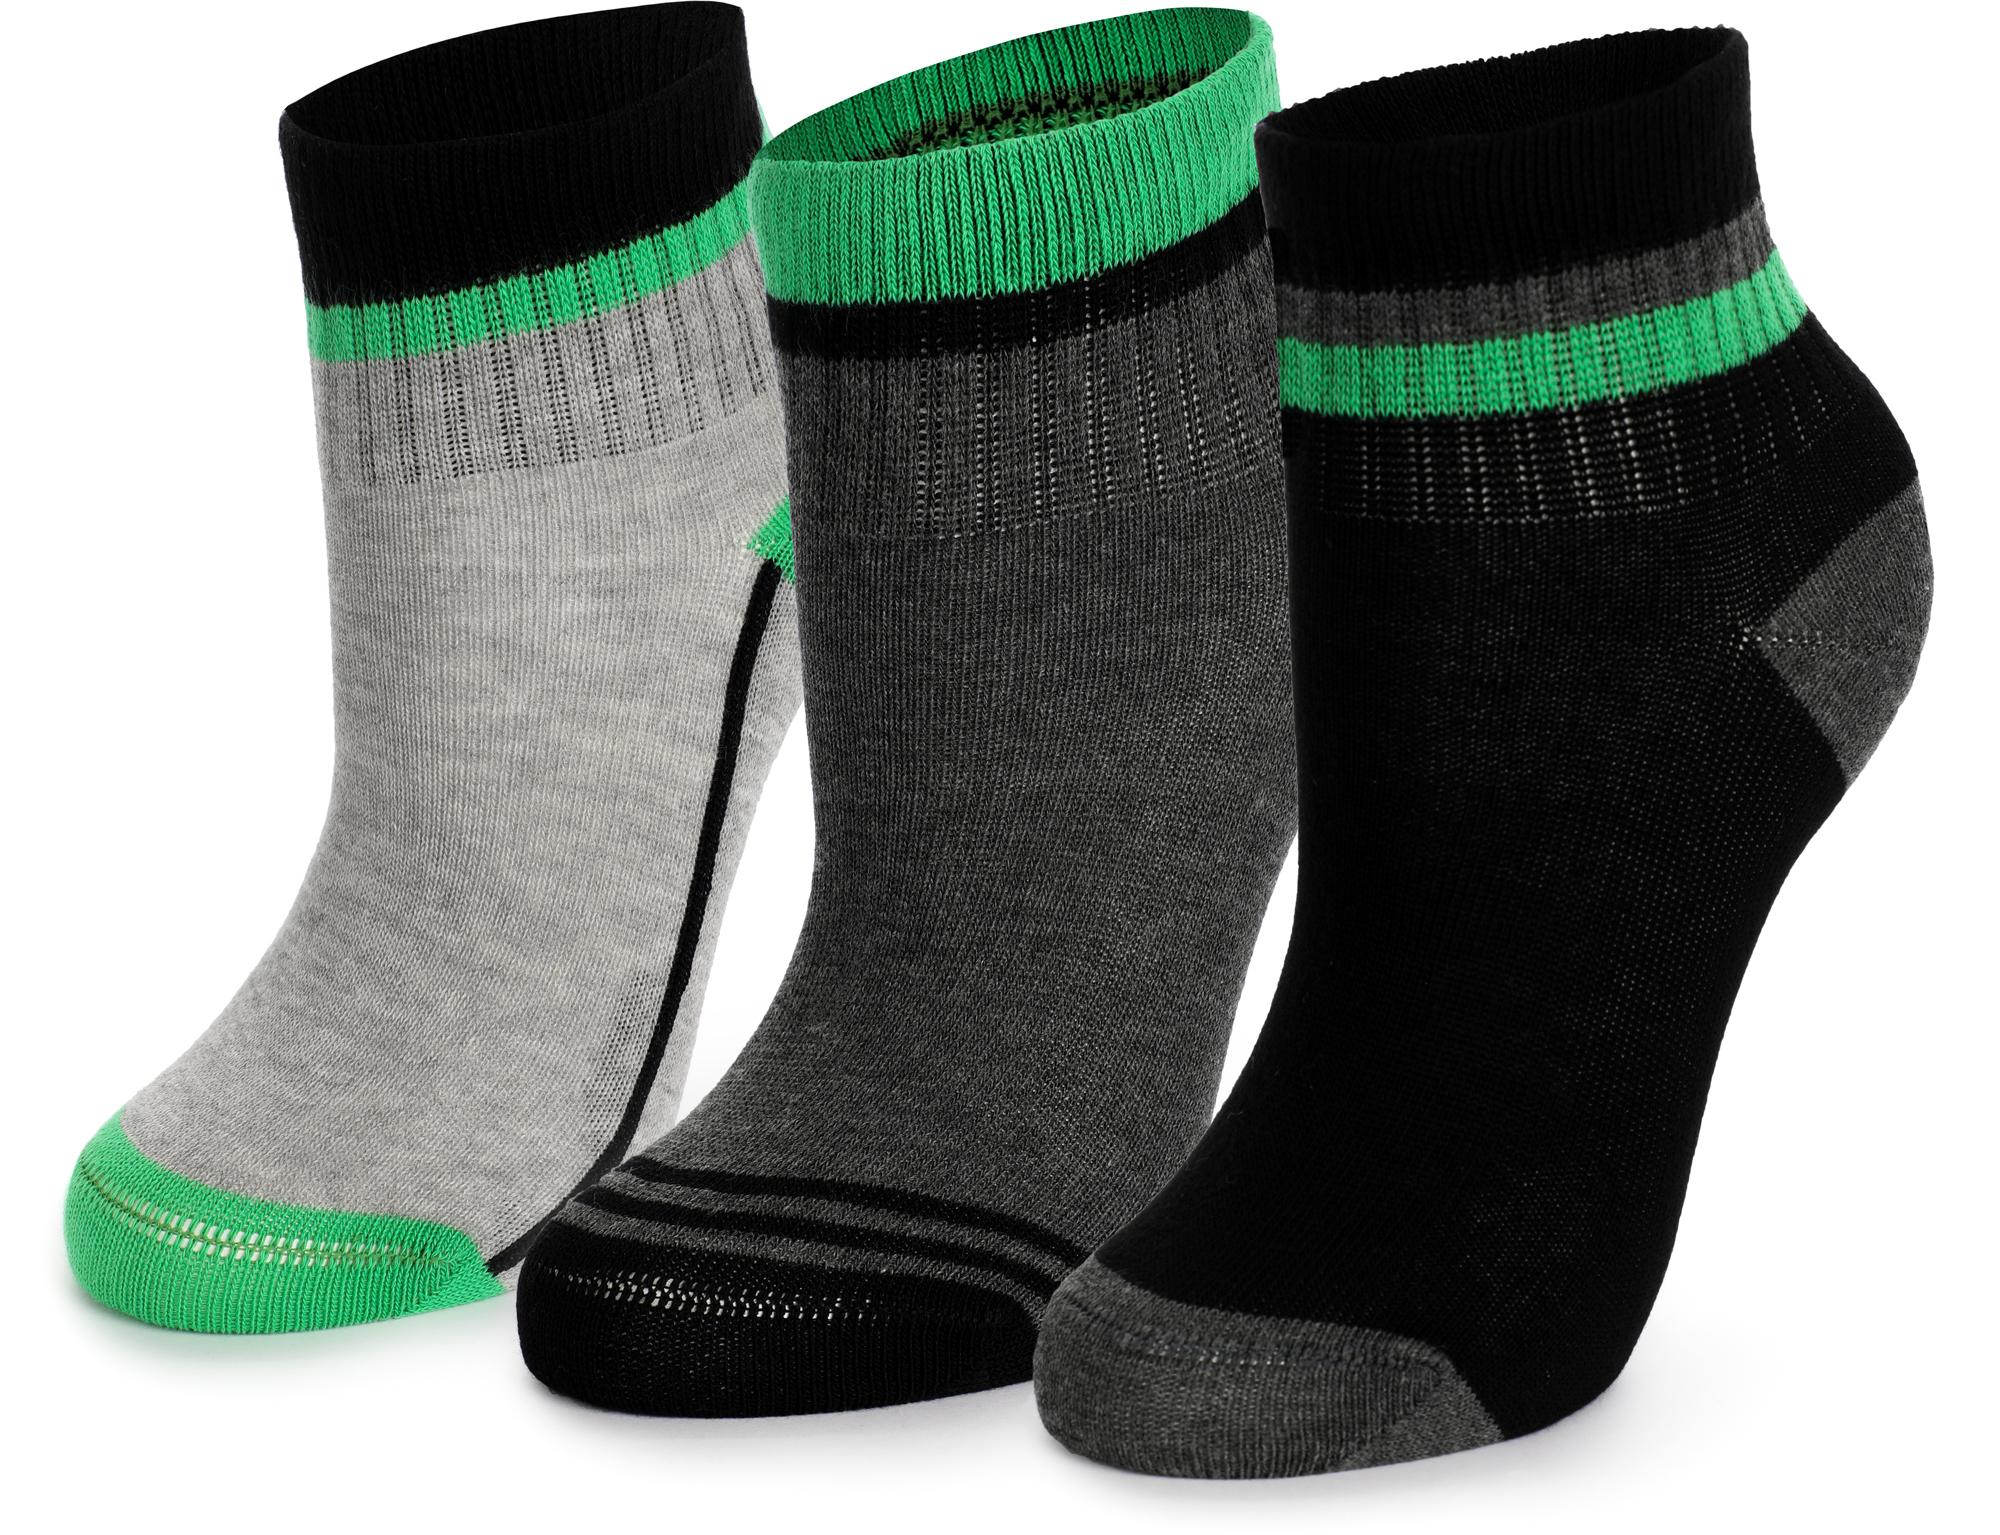 Demix Носки для мальчиков Demix, 3 пары, размер 31-33 demix носки детские demix 3 пары размер 31 33